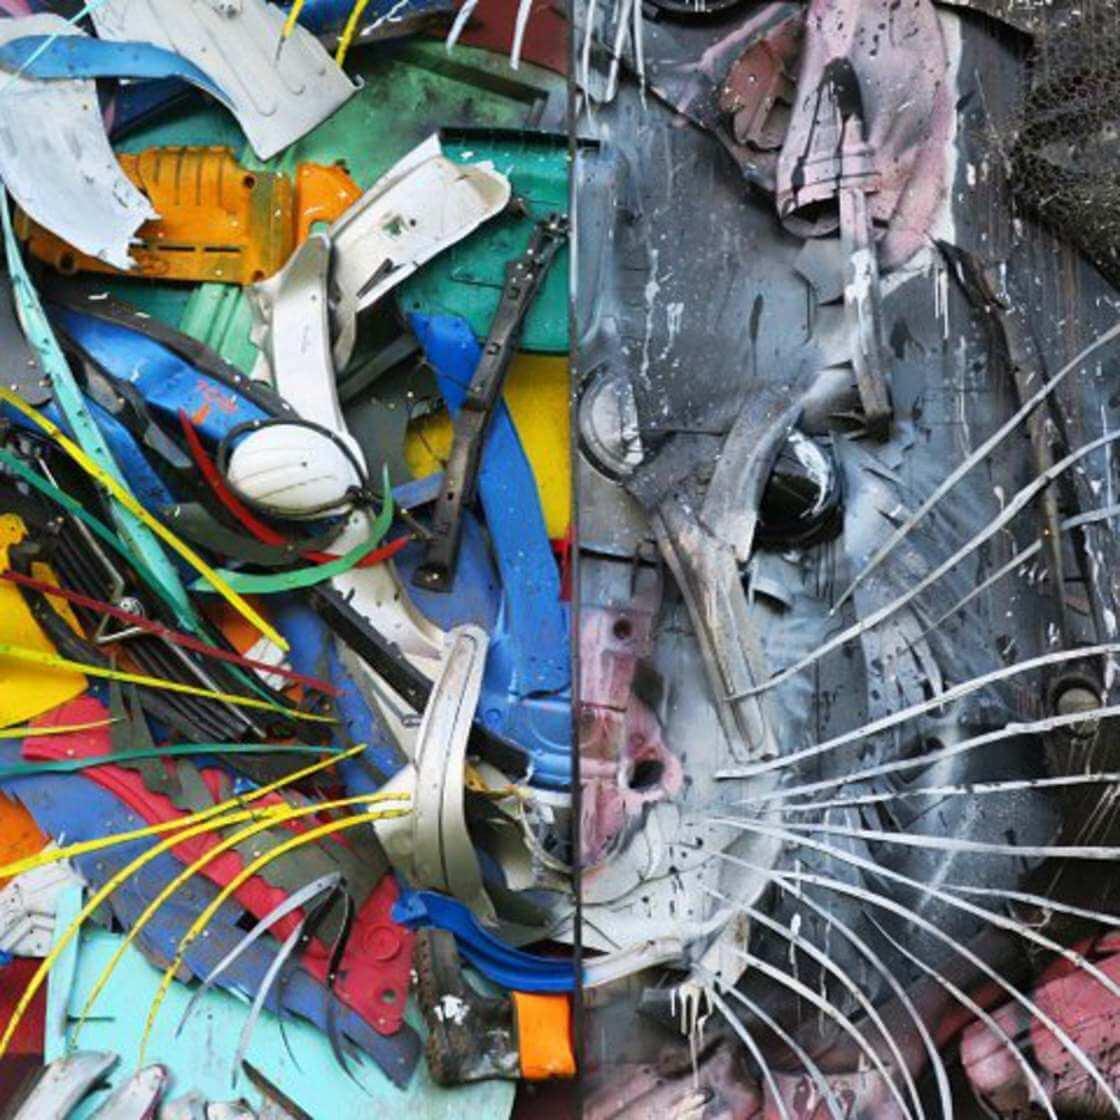 street-art-déchet-denonciation-écologie-bordalo2-souris-double-face